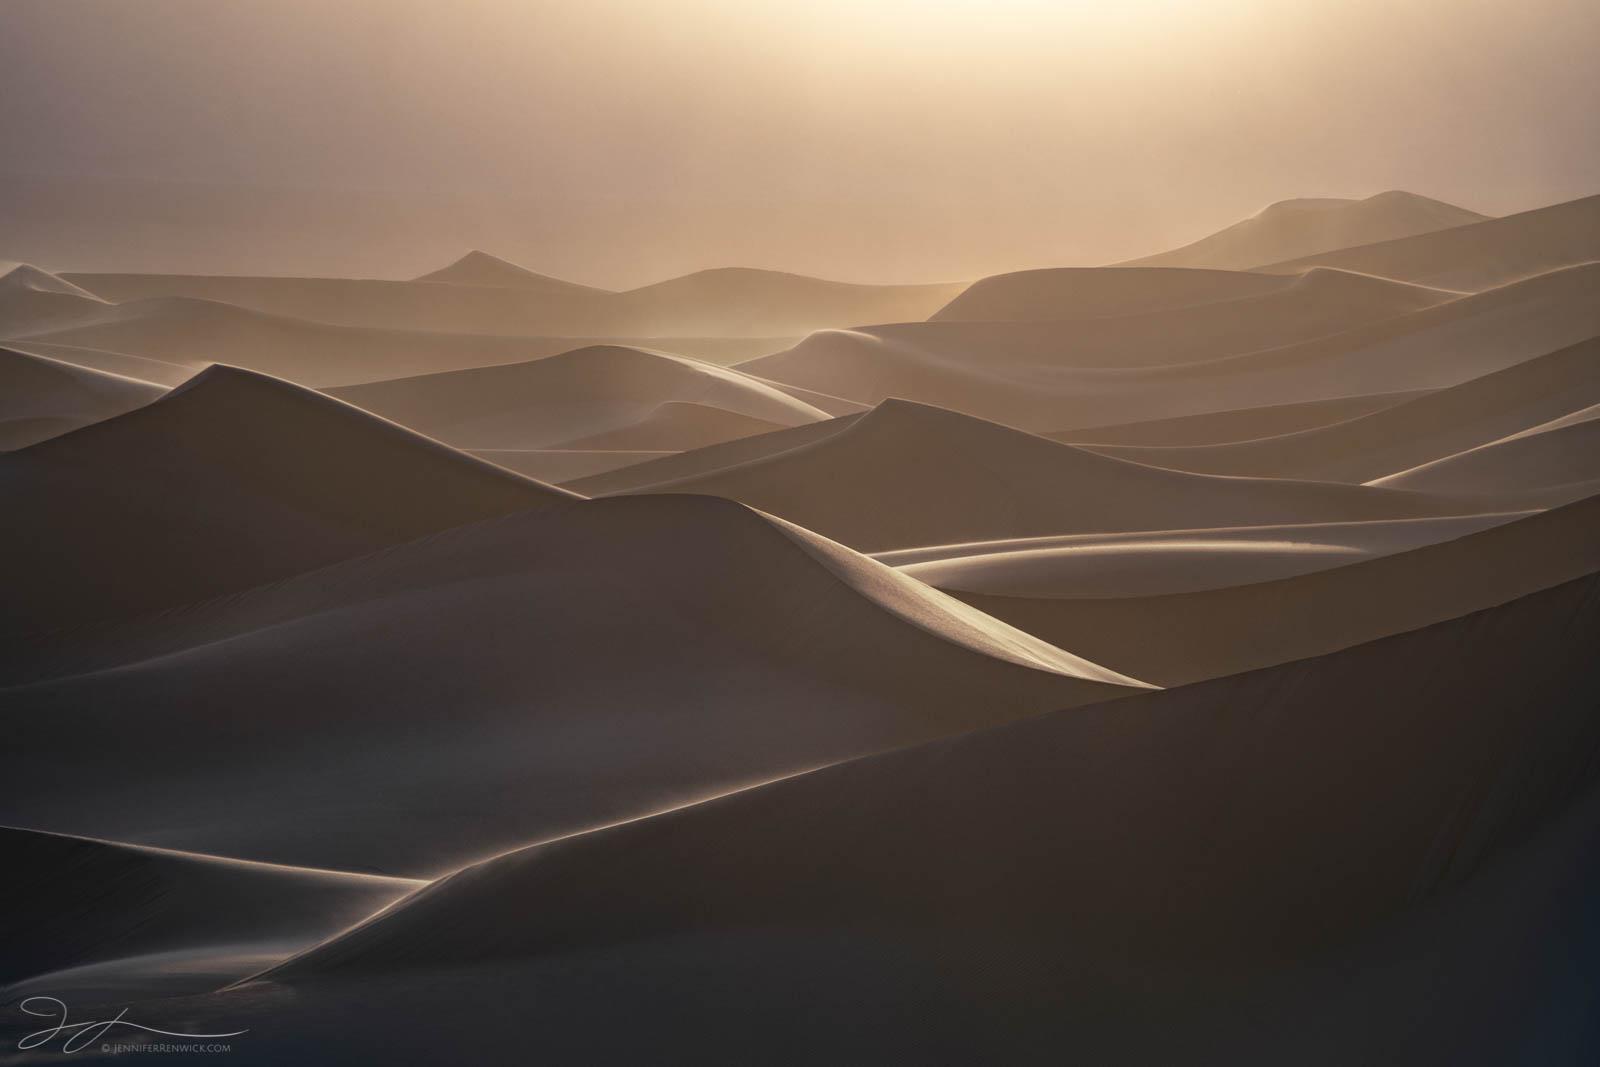 Sand dunes bask in golden light during a windstorm.